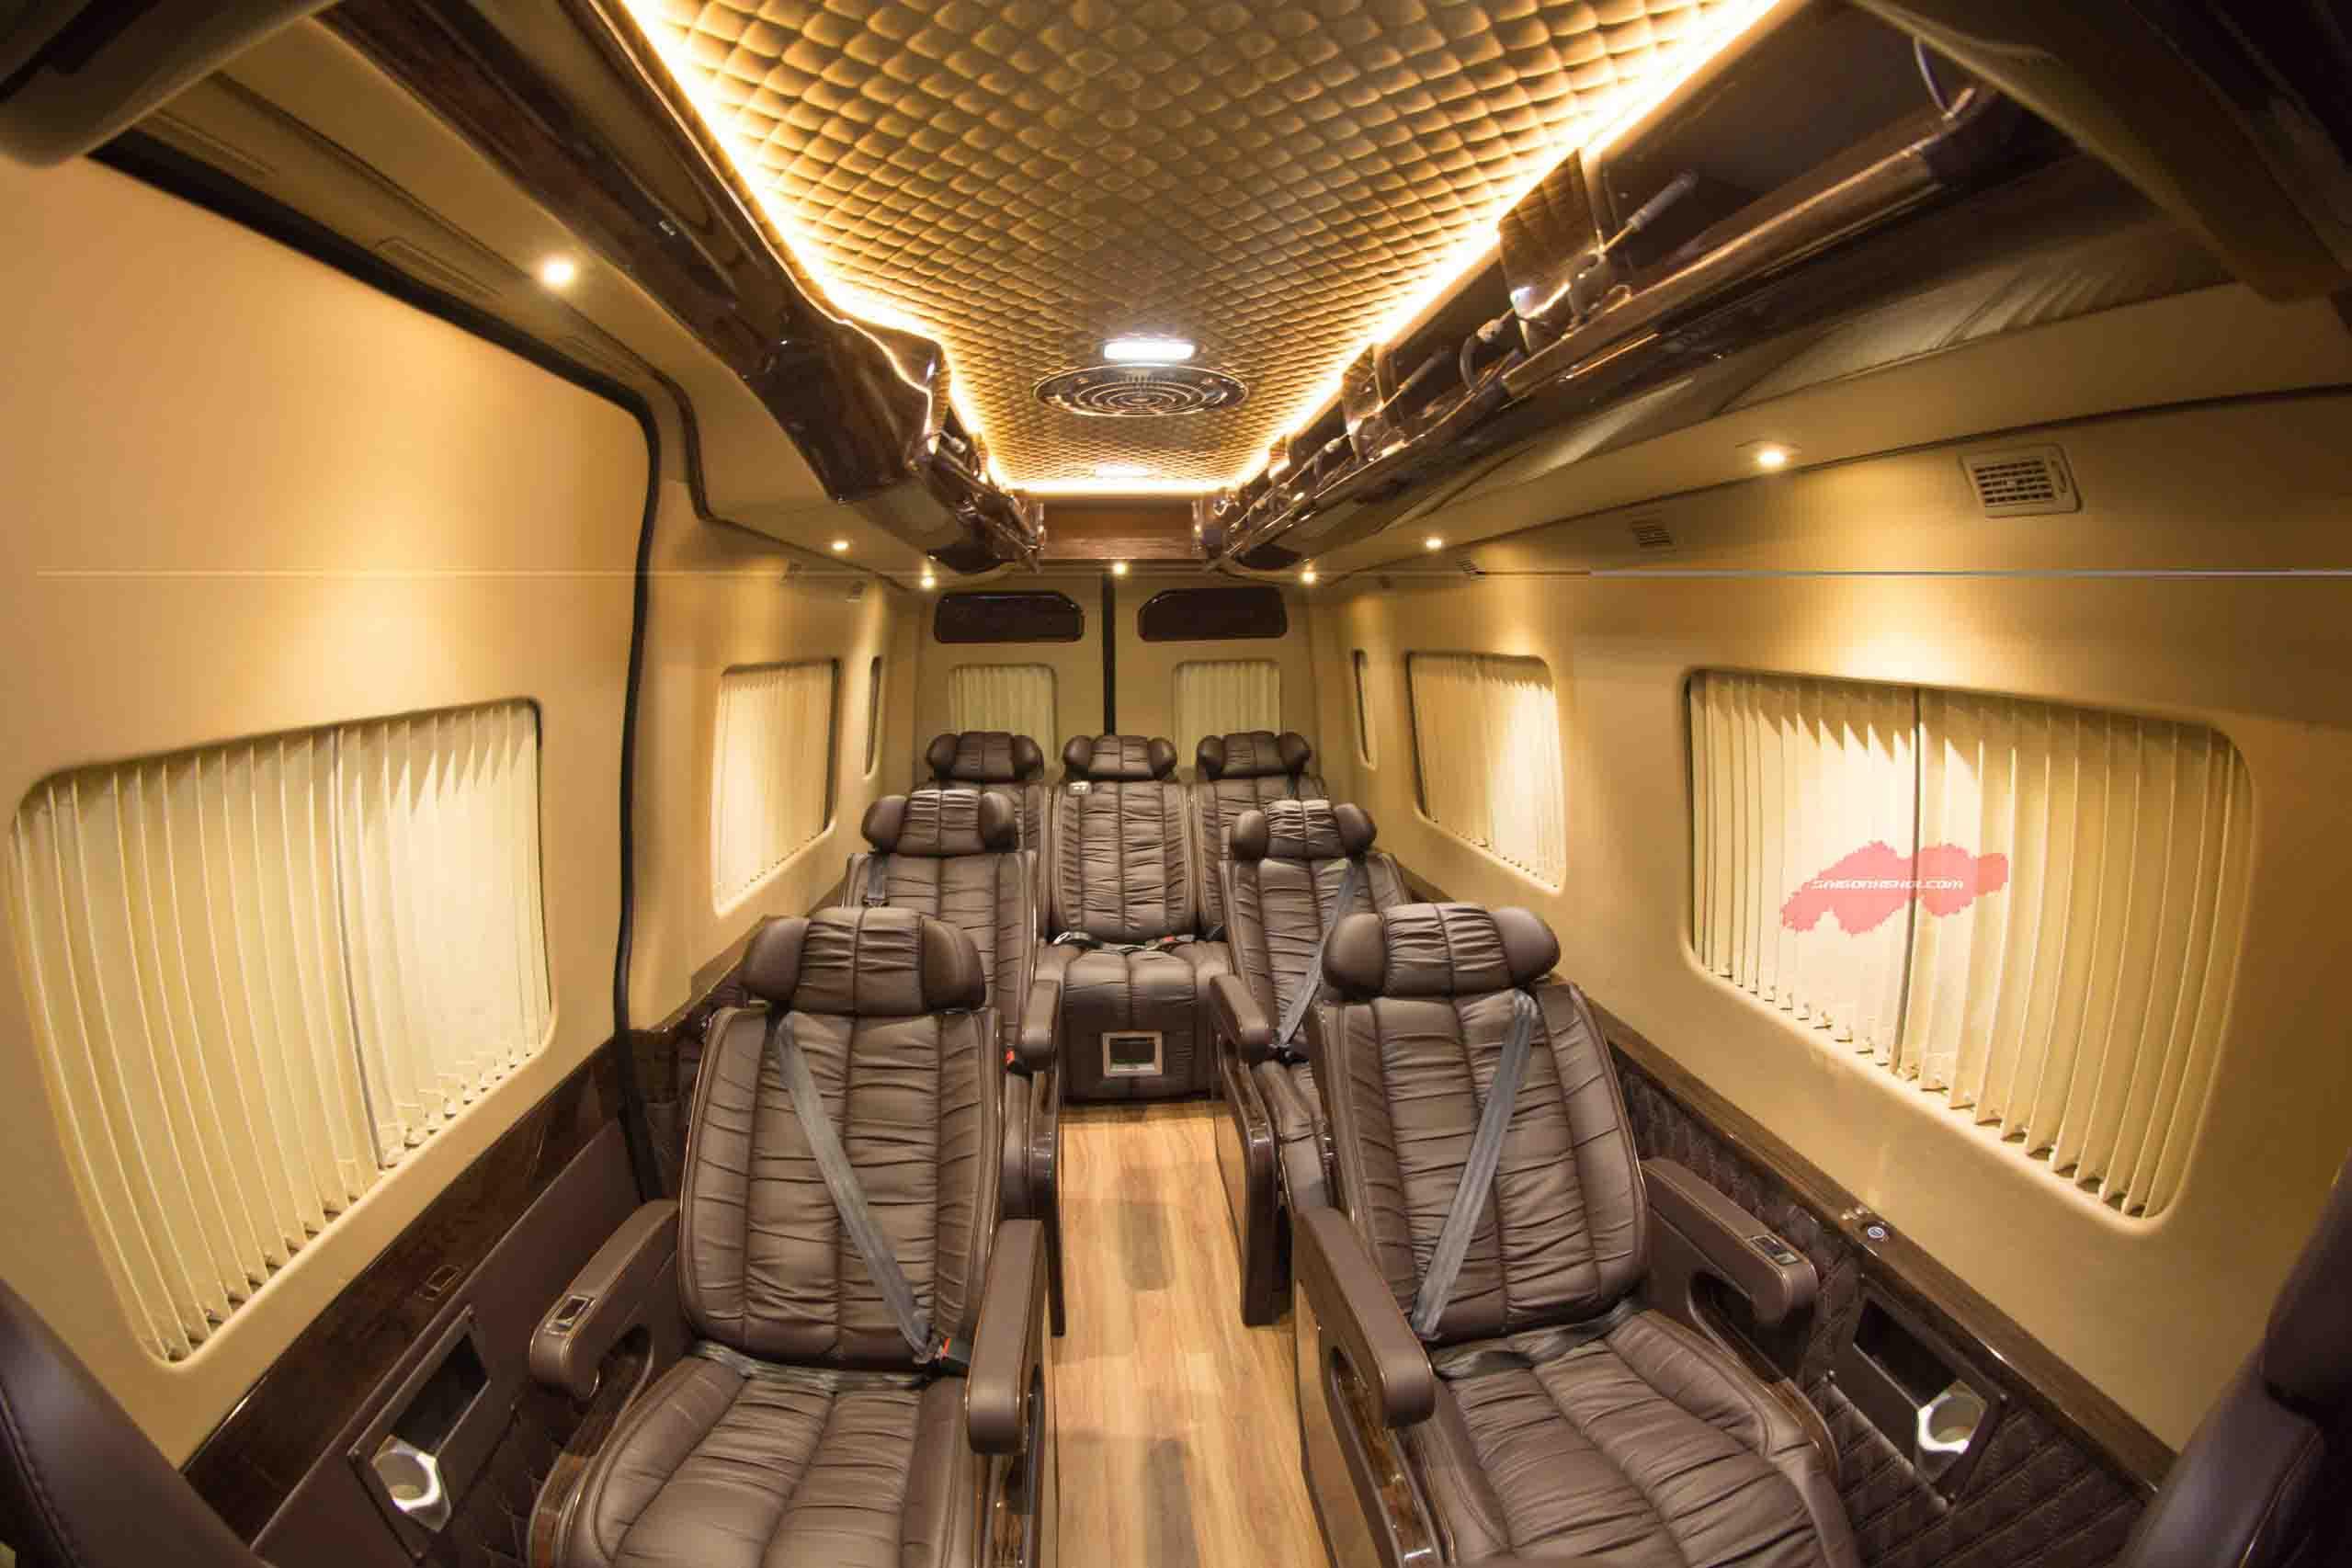 Khuyến mãi mua xeFord Transit Limousine 2020 hấp dẫn